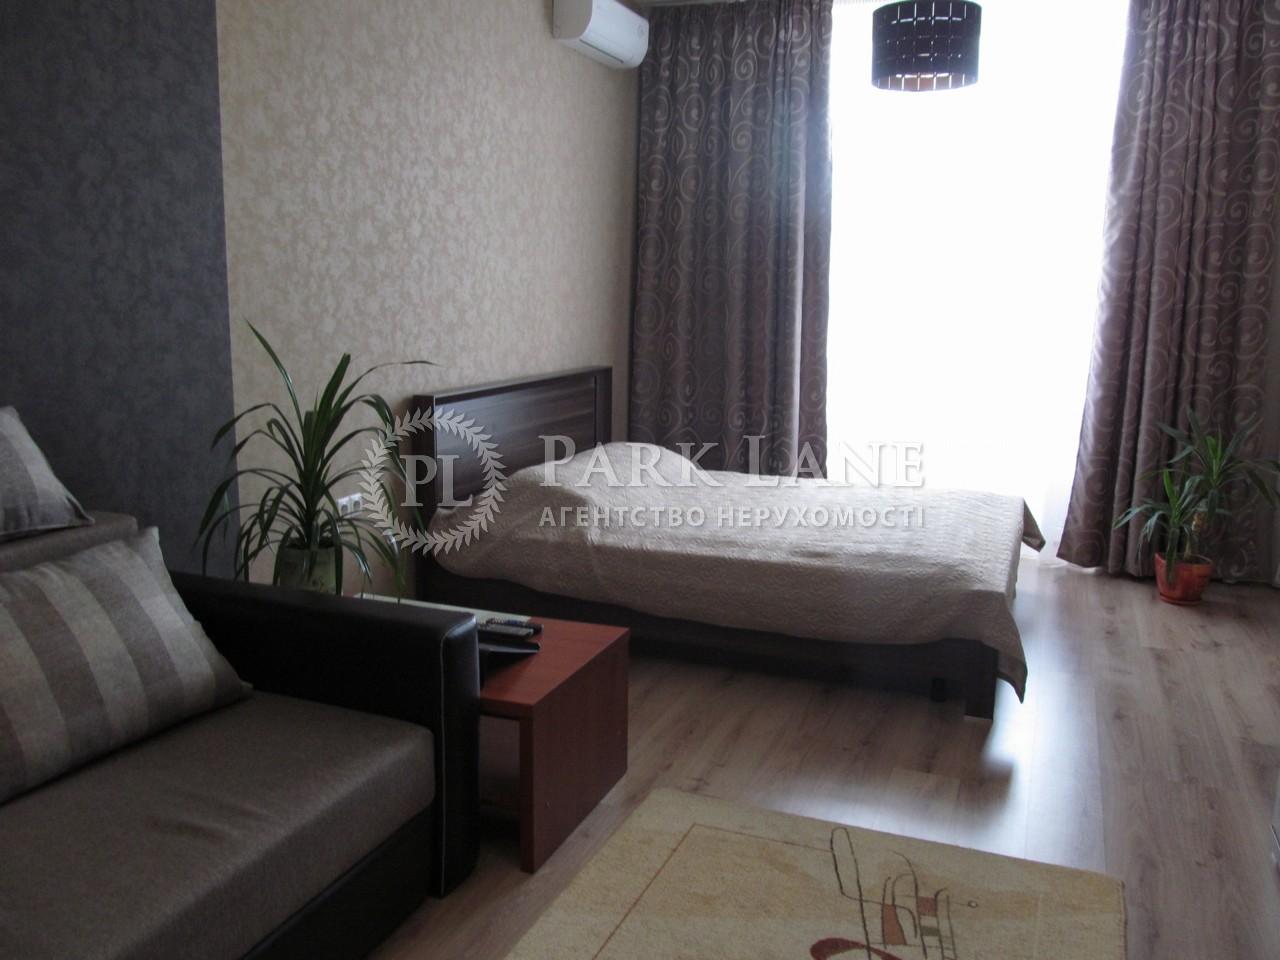 Квартира ул. Хорива, 43, Киев, Z-1248749 - Фото 8